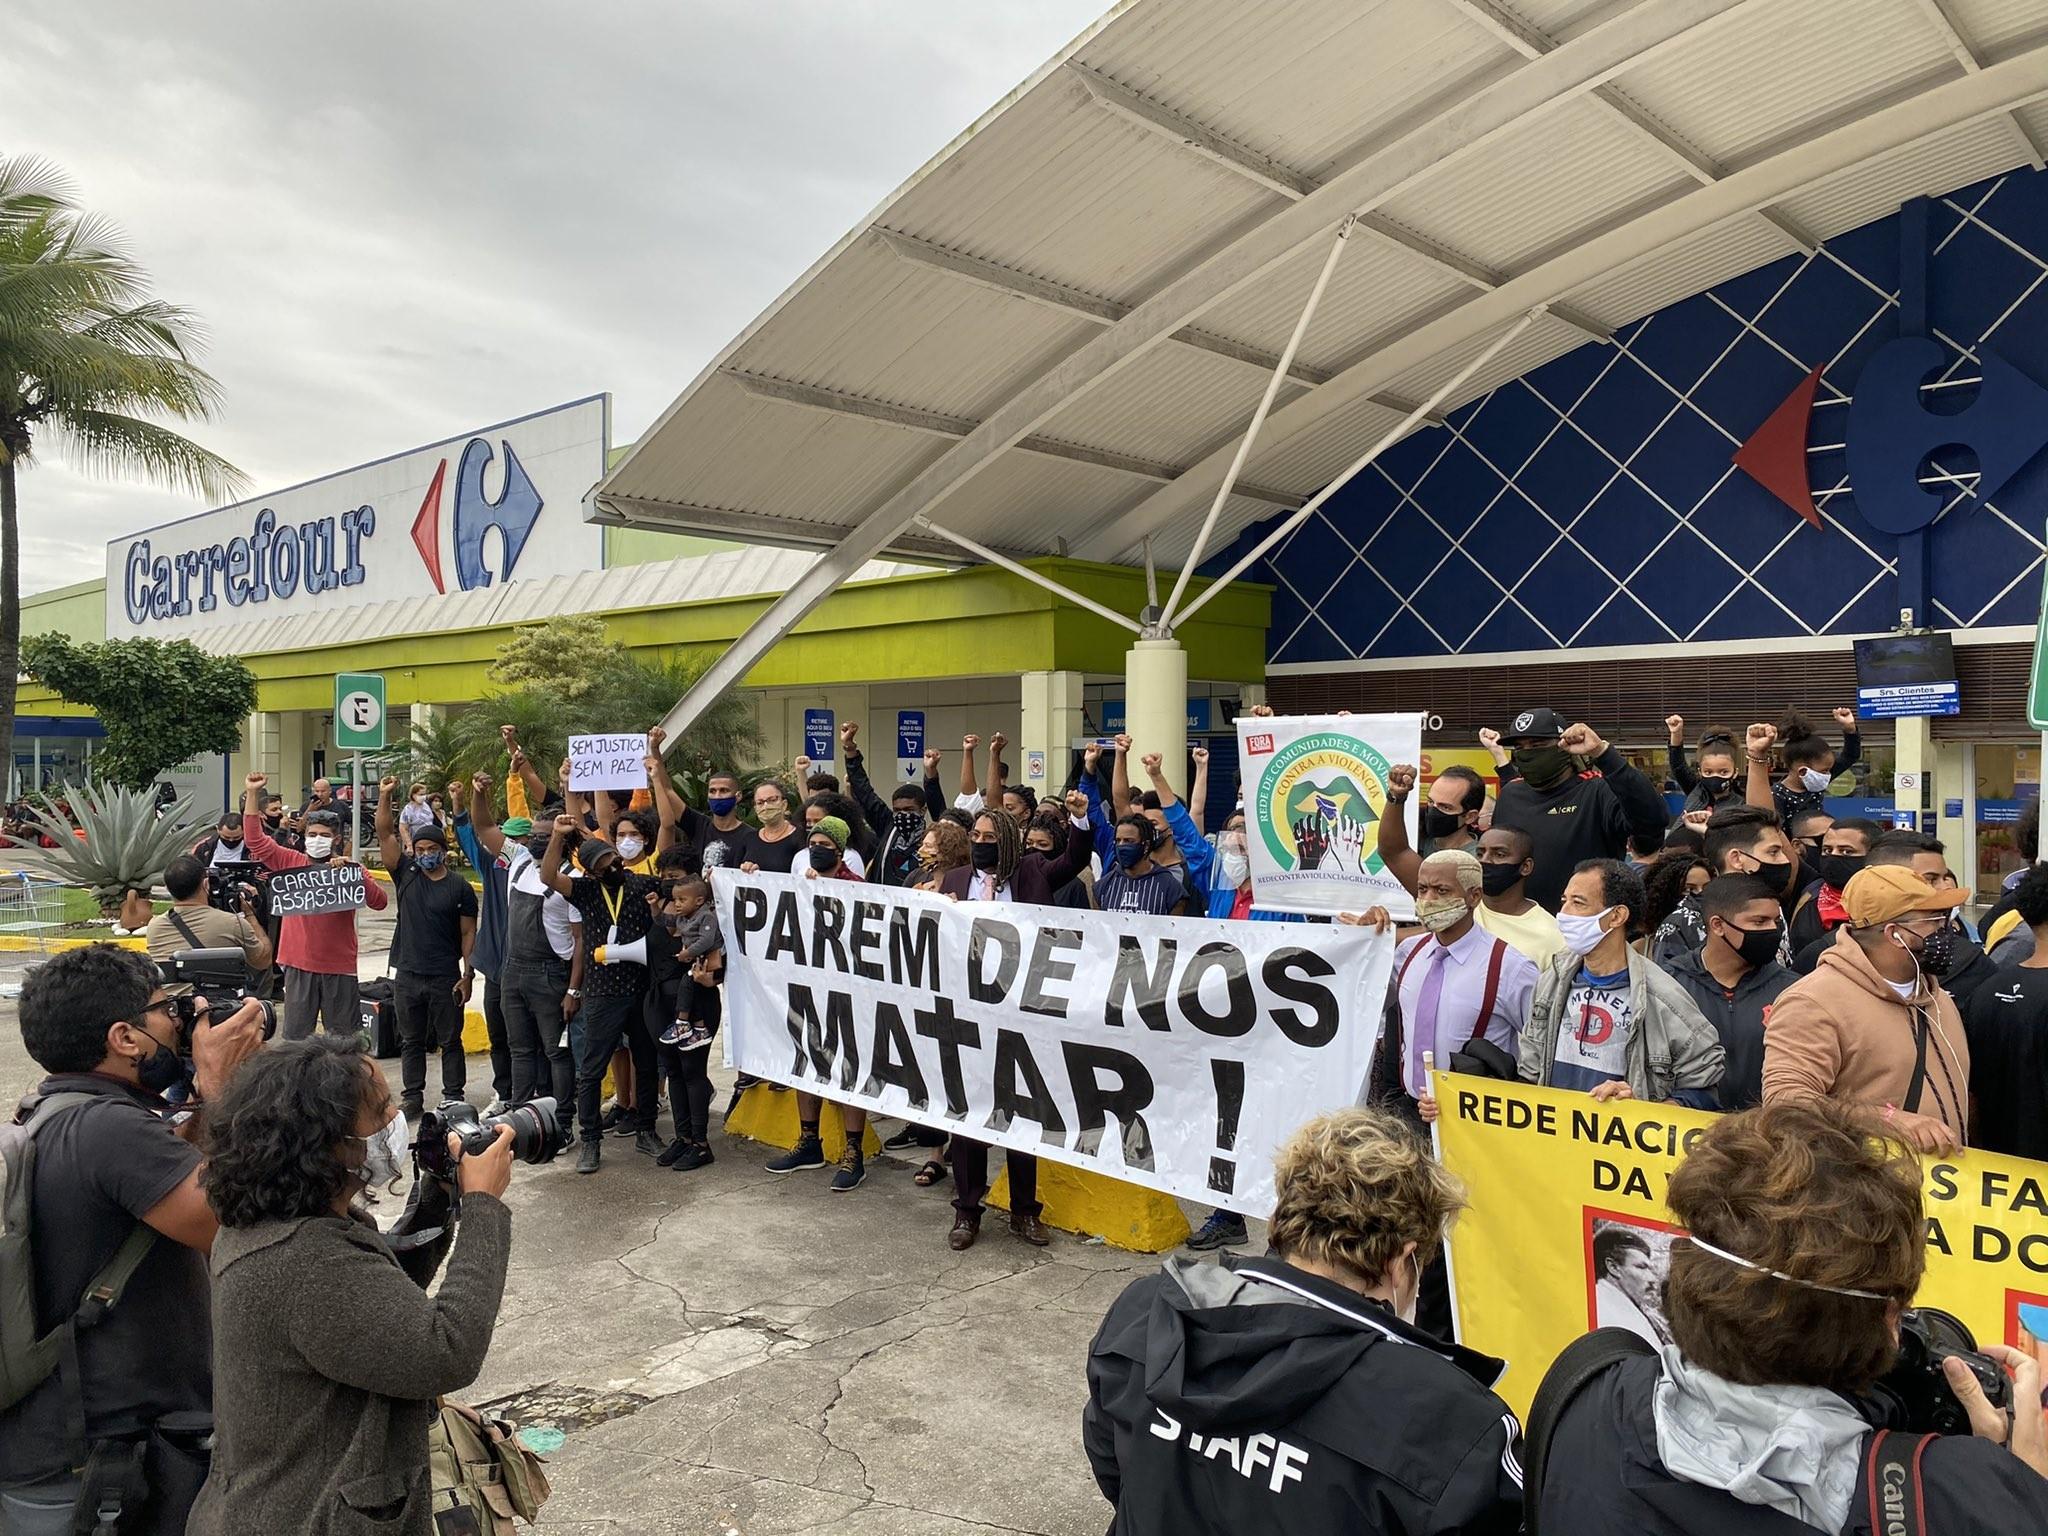 Protesto no Rio cobra justiça pela morte de João Beto no RS - Spiai.com :: Seu portal de noticias agora ::